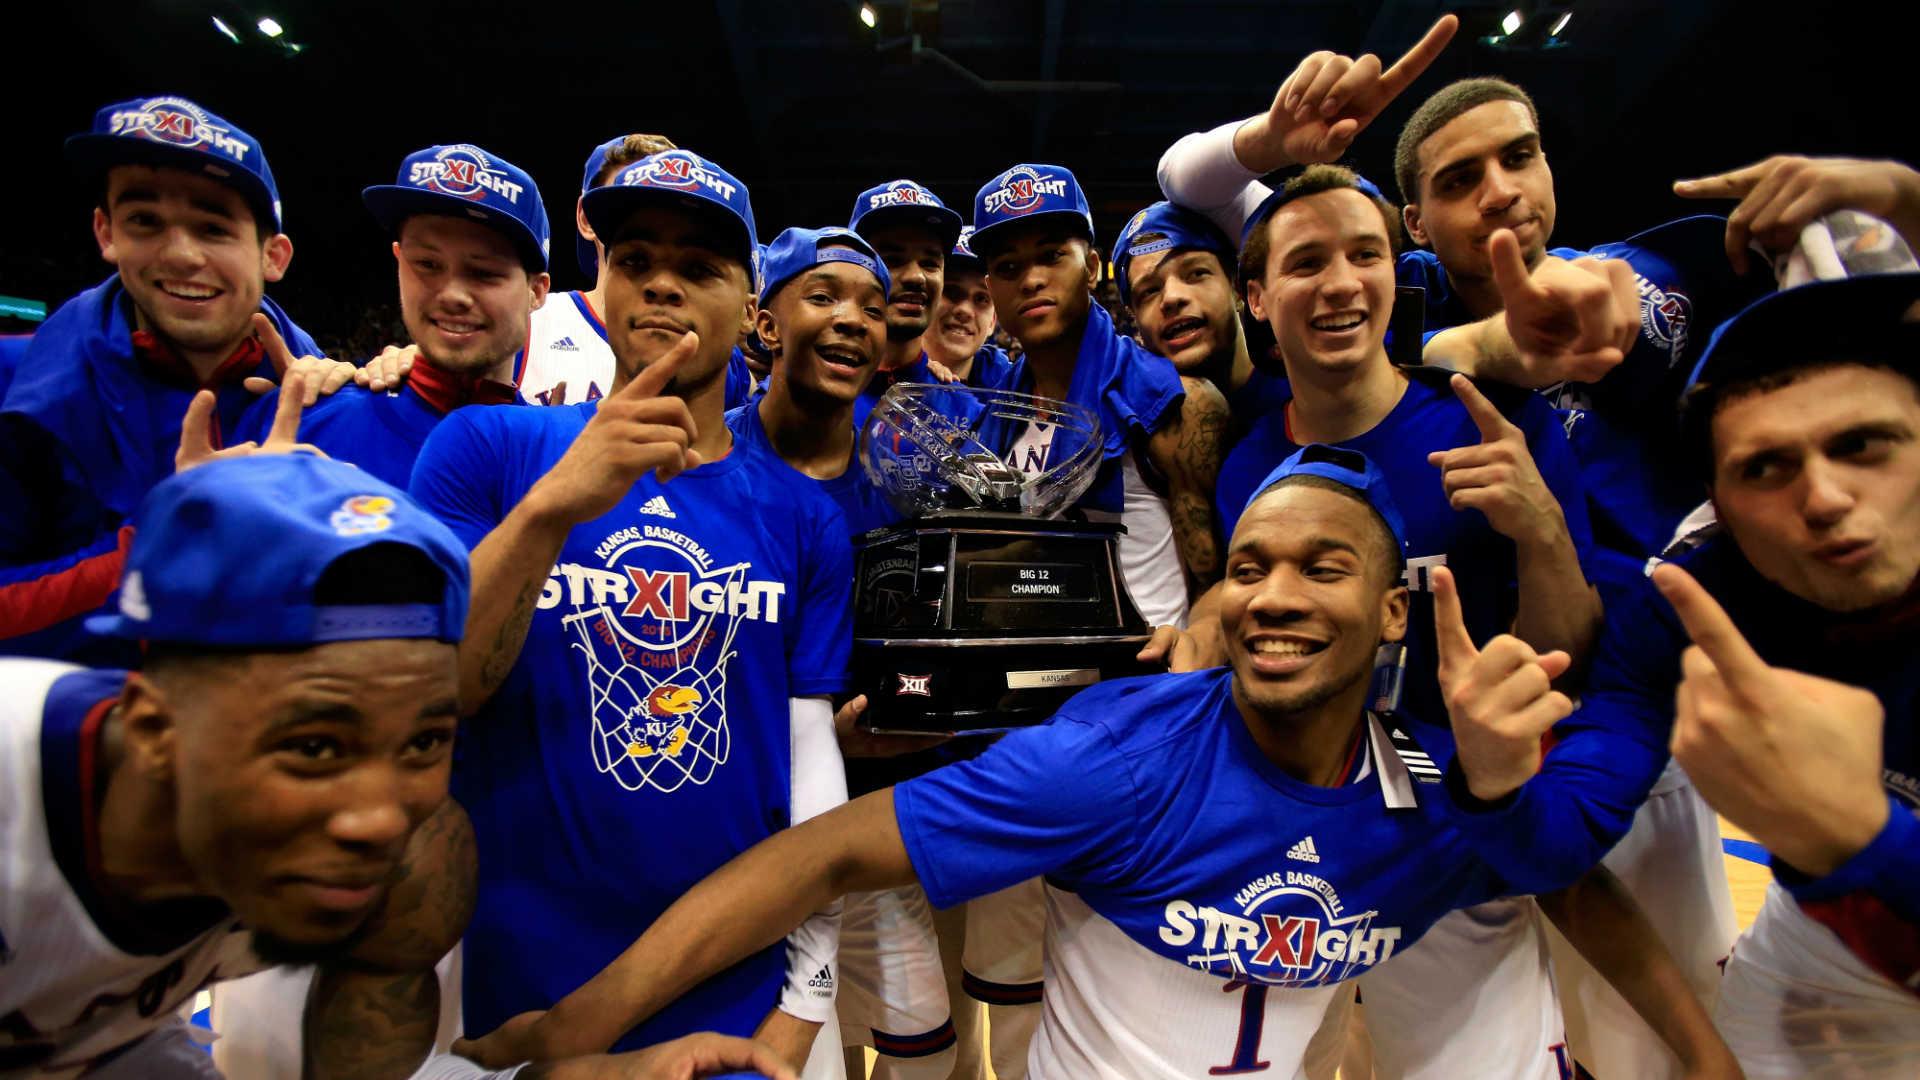 Ku-basketball-celebrates_f1jzddqt1u8g186waj9iad0ey